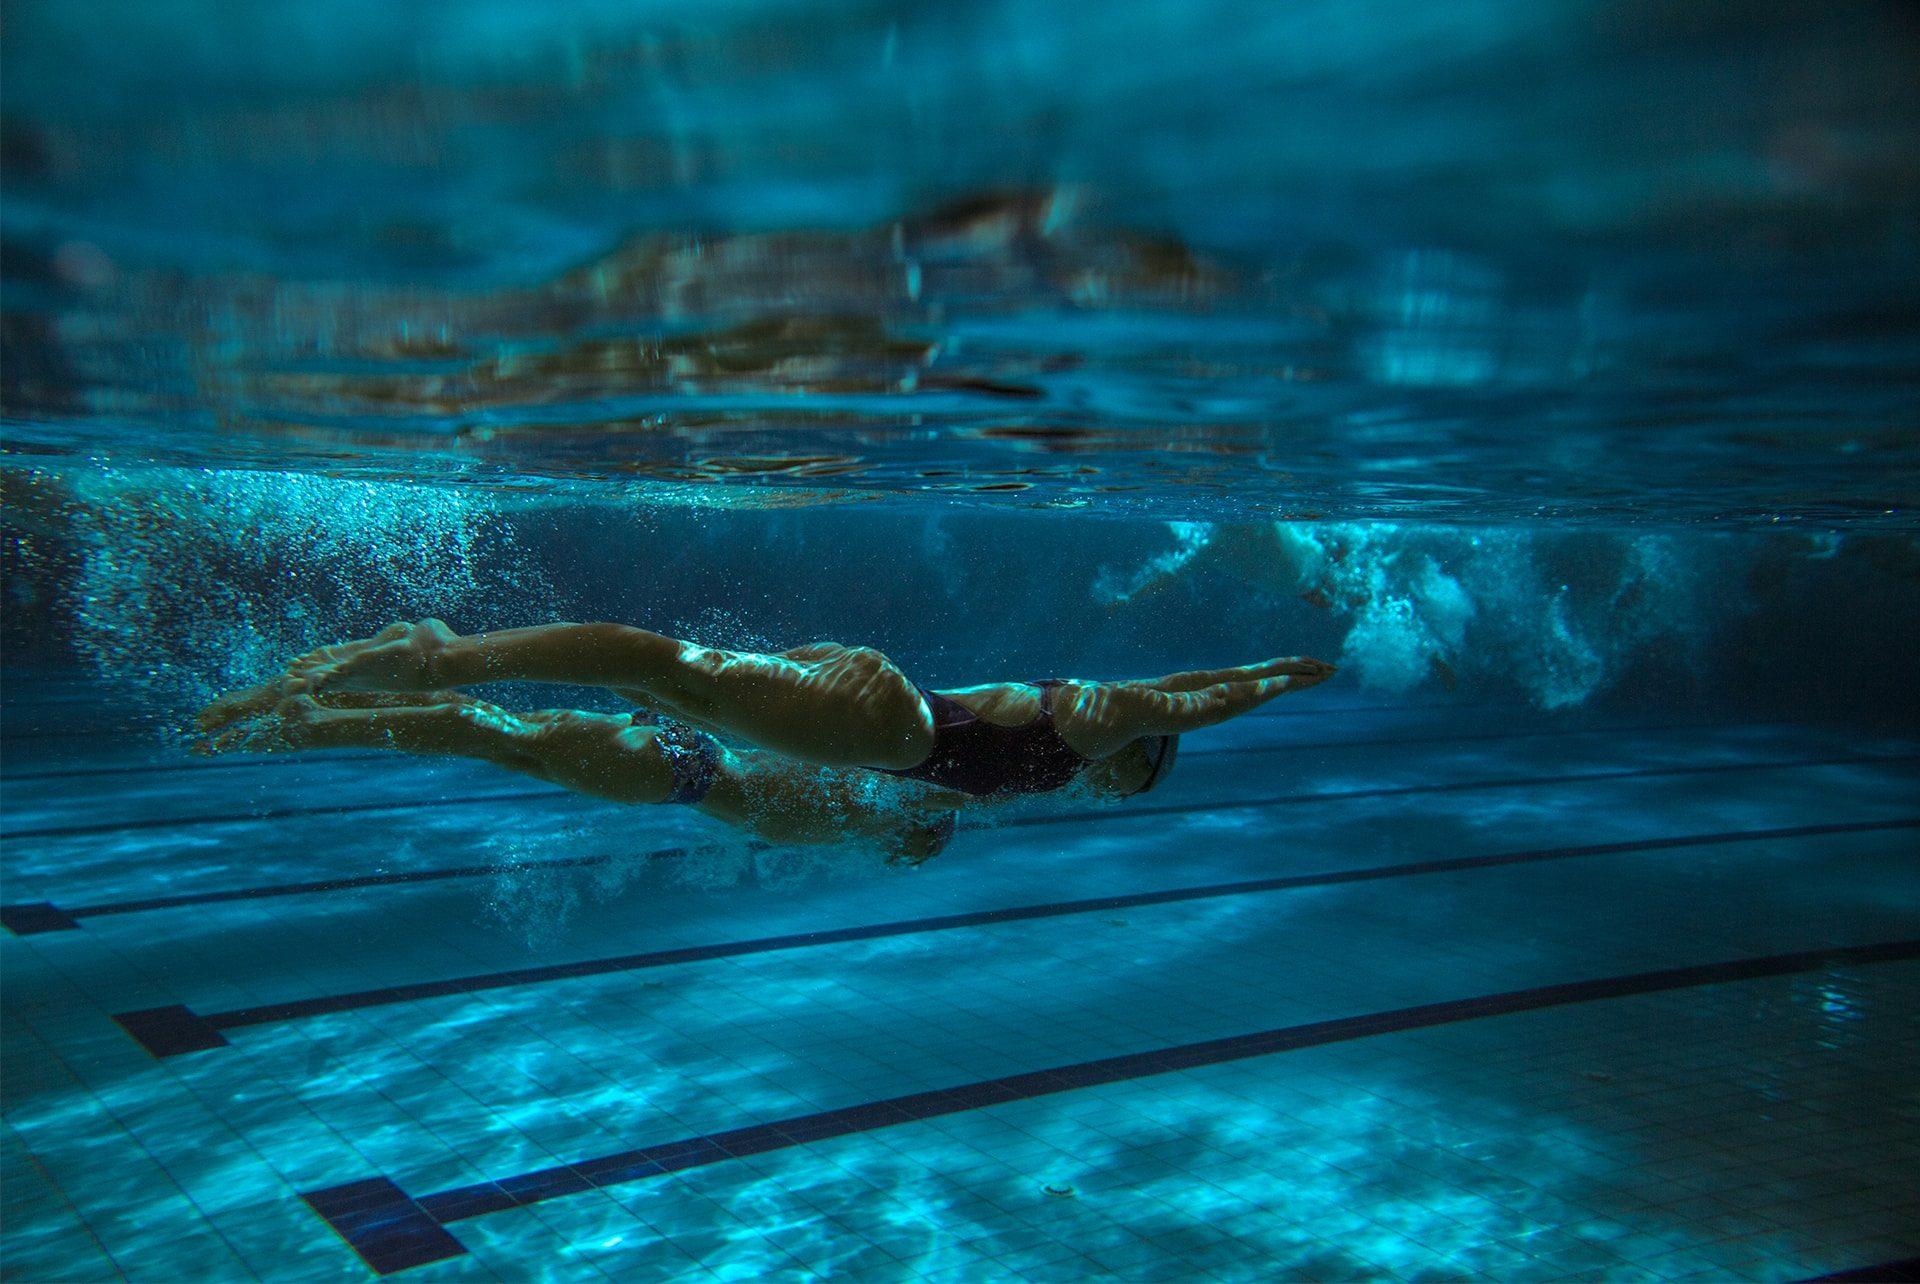 L'aquabulle : Centre De Loisirs Aquatiques À Laval (53) destiné Piscine Mayenne